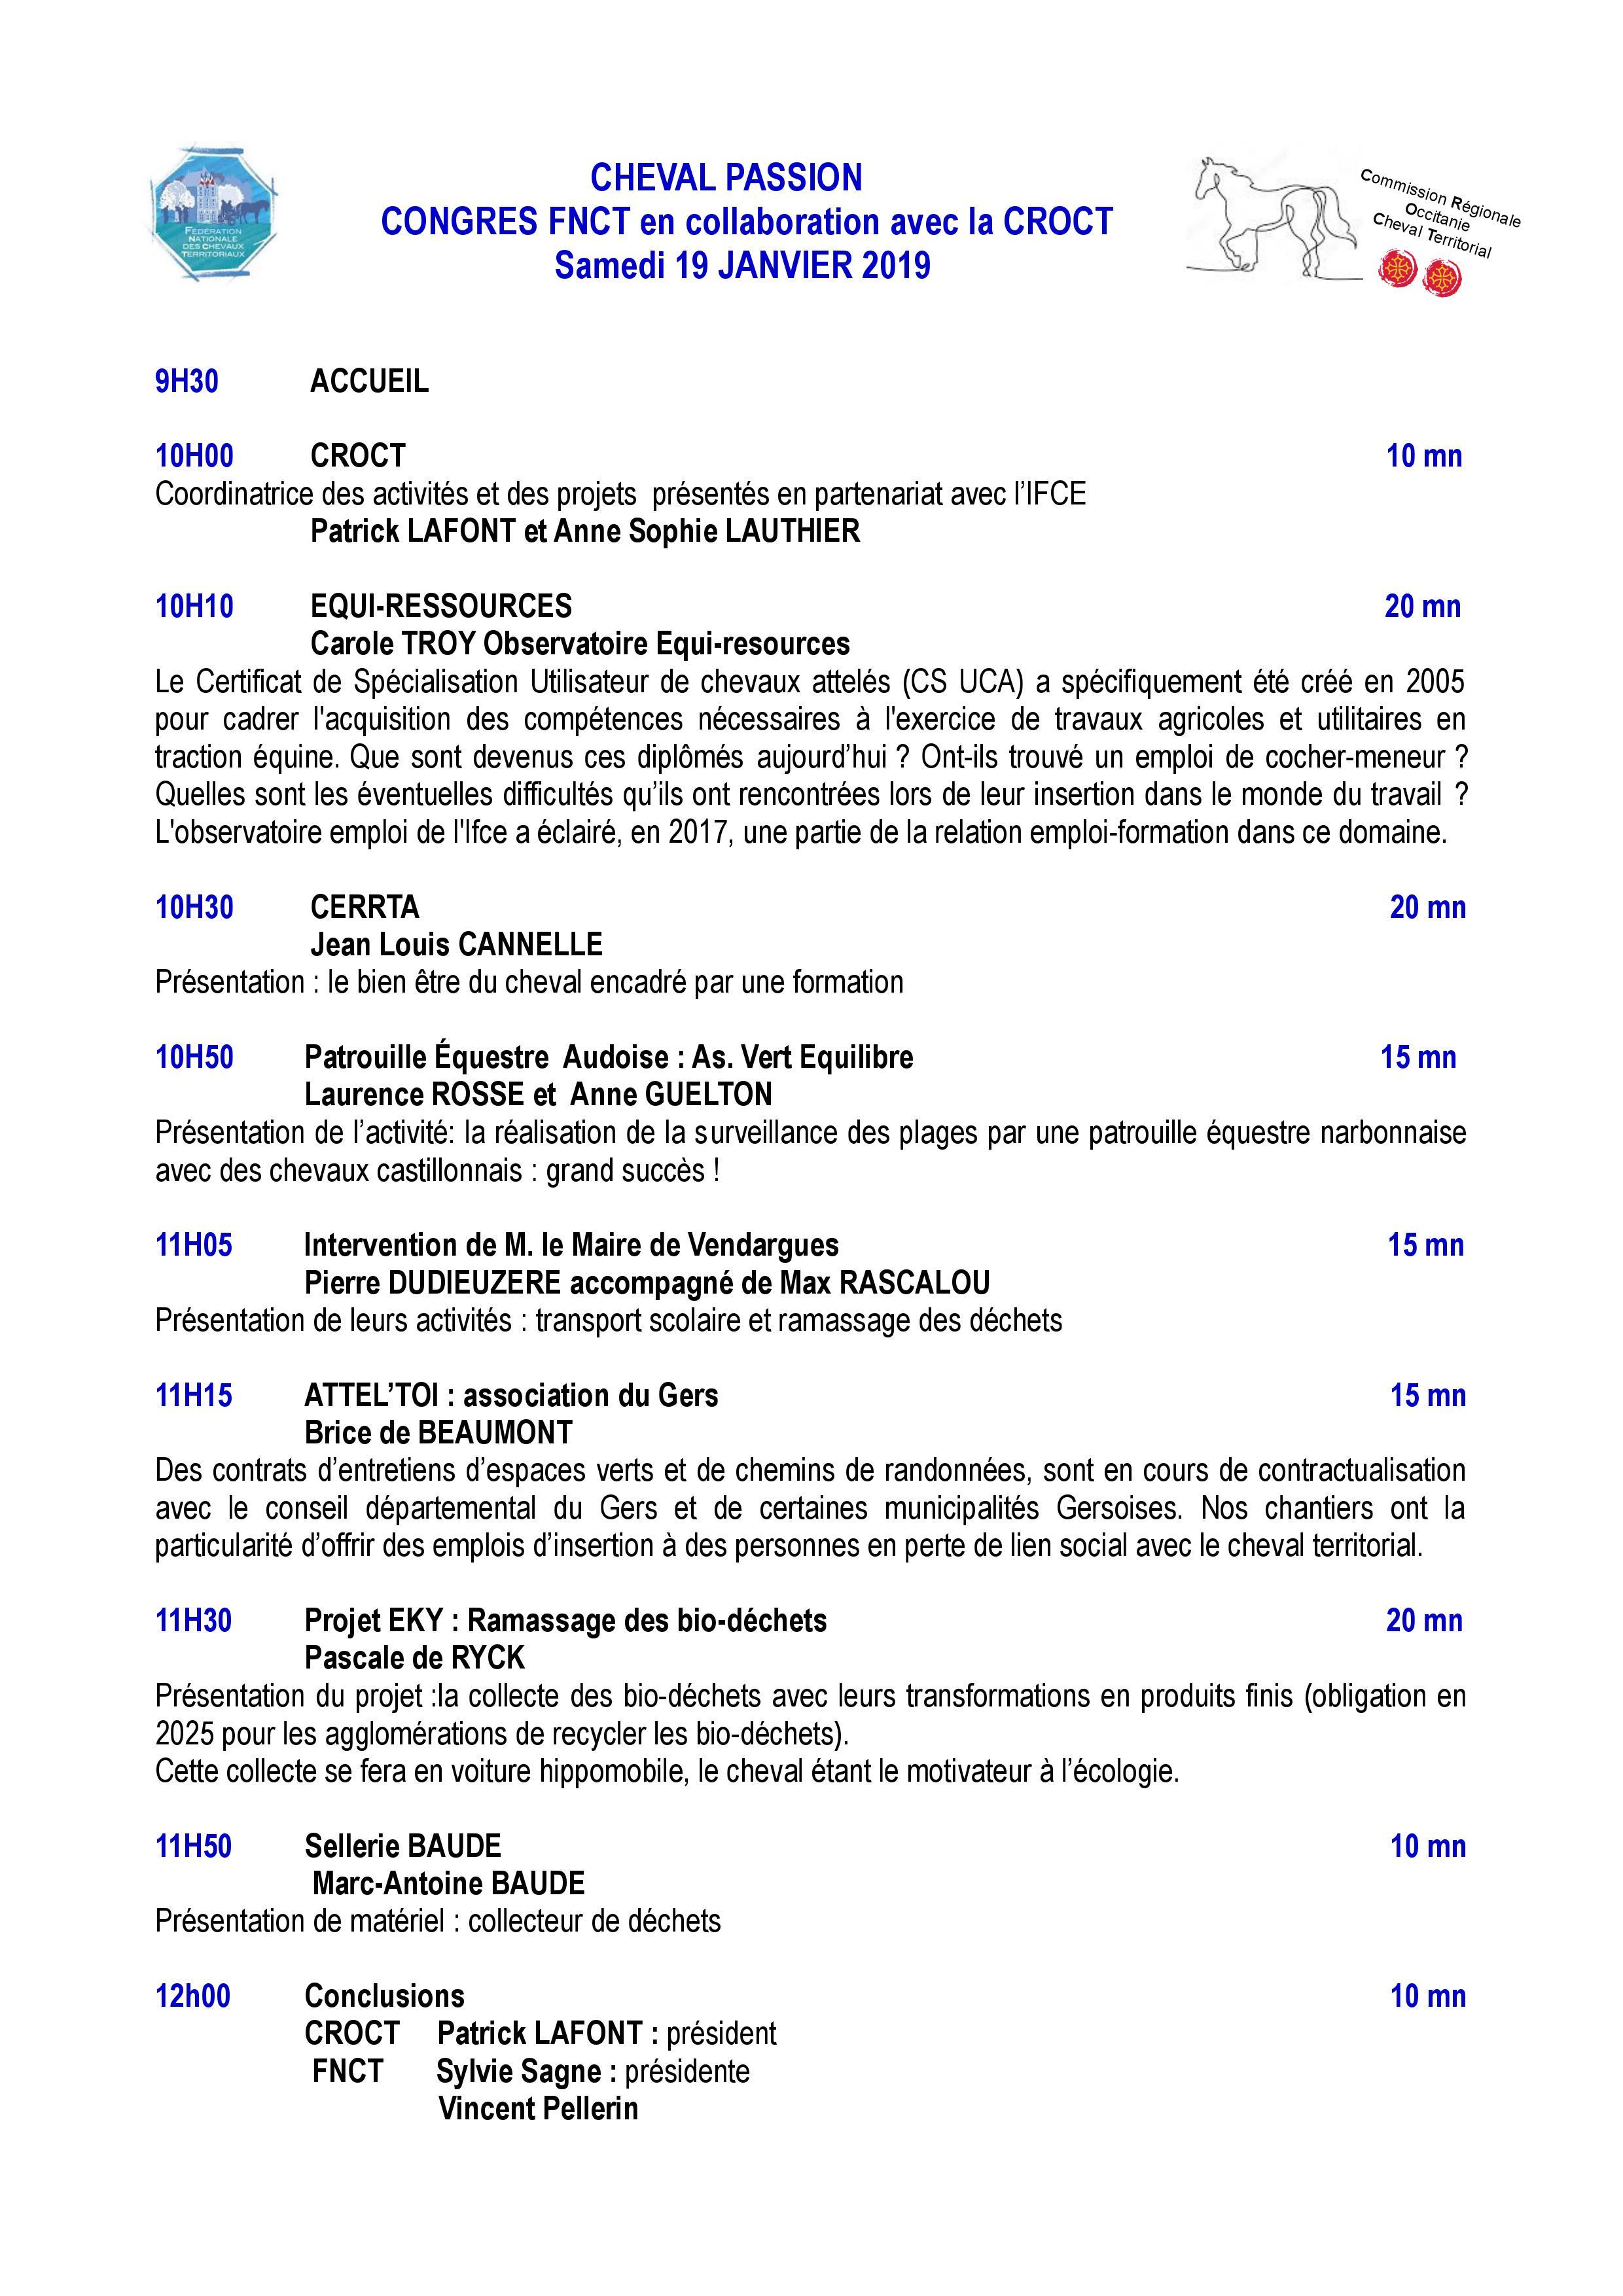 RDV le 19/01/19 à Cheval Passion pour la CROCT